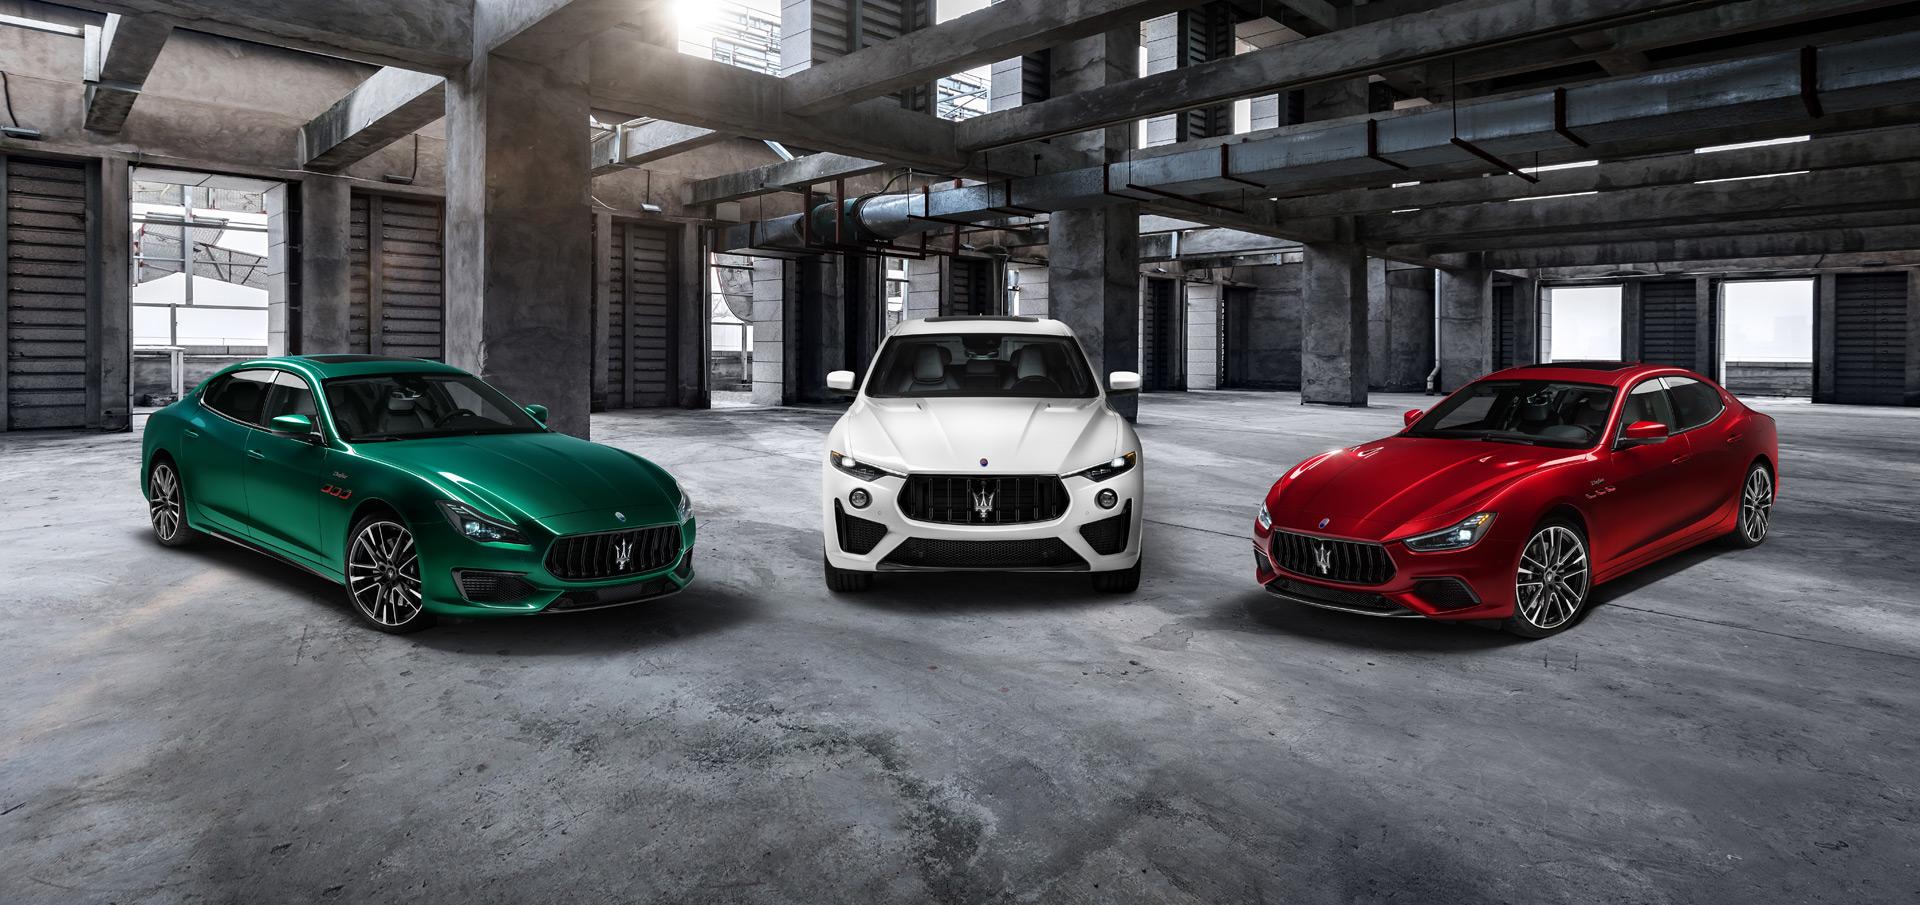 Trofeo: Bộ sưu tập các mẫu xe mạnh nhất của Maserati